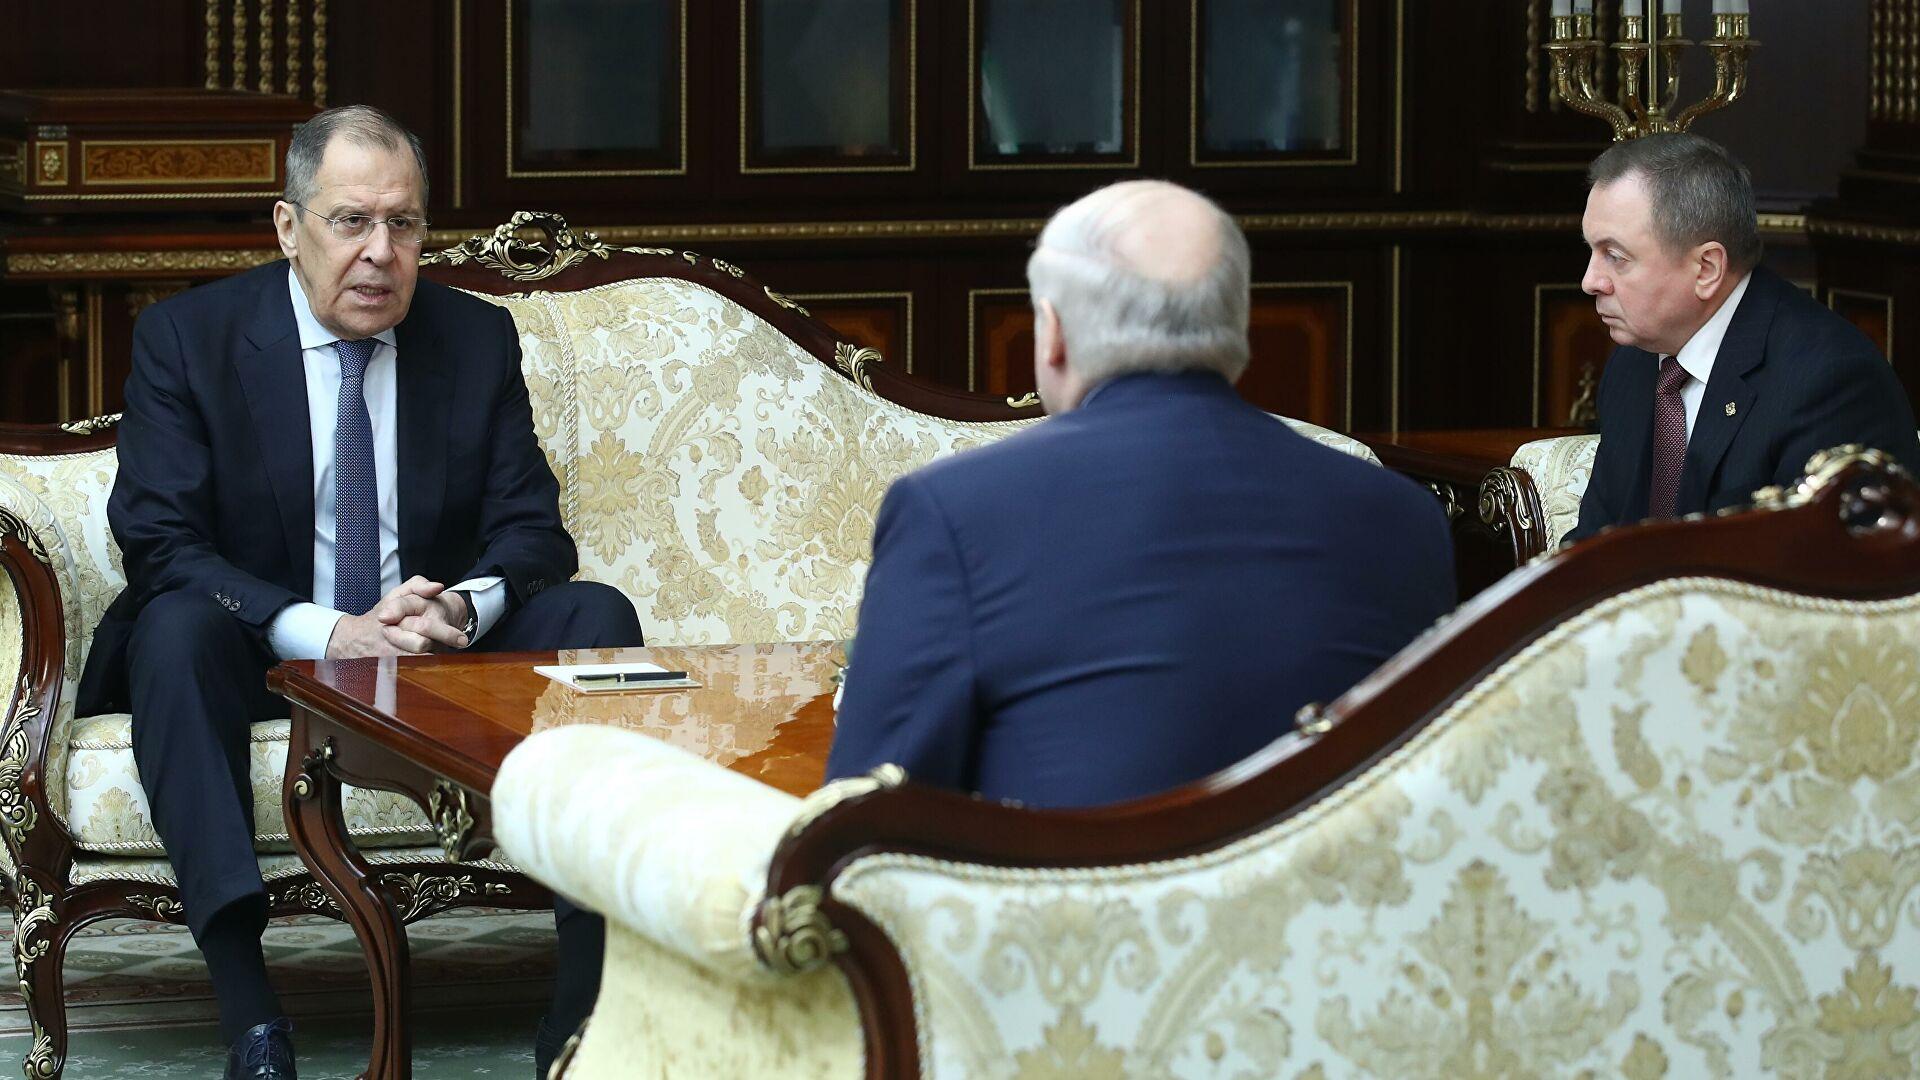 Lavrov: Zabrinuti smo zbog politike zapadnjaka za uspostavljanjem kontrole nad međunarodnim organizacijama